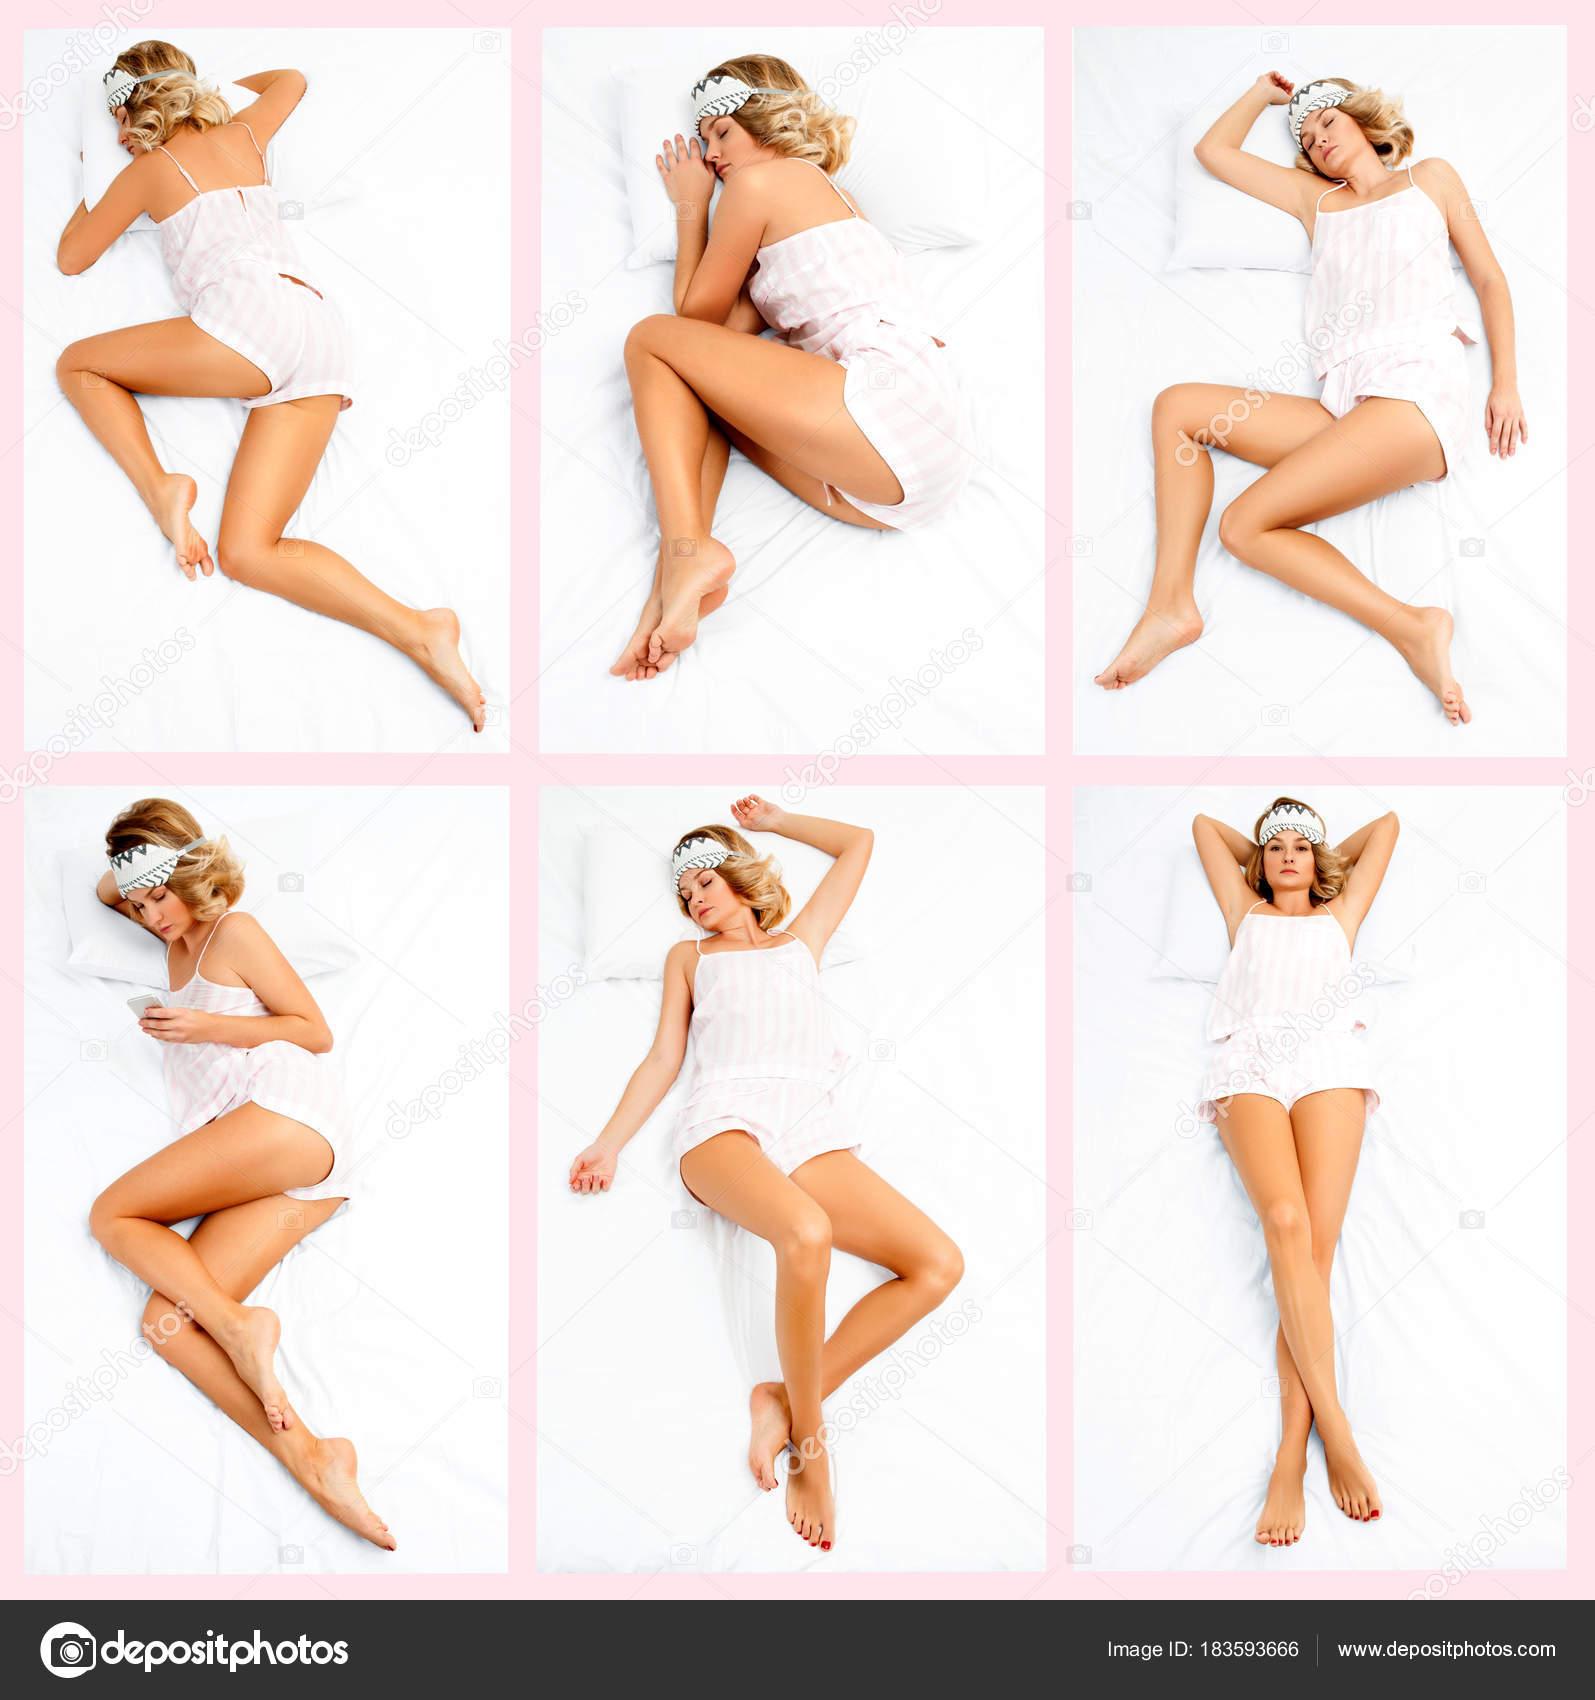 Женщины спят в разных позах фото, фото секс латино